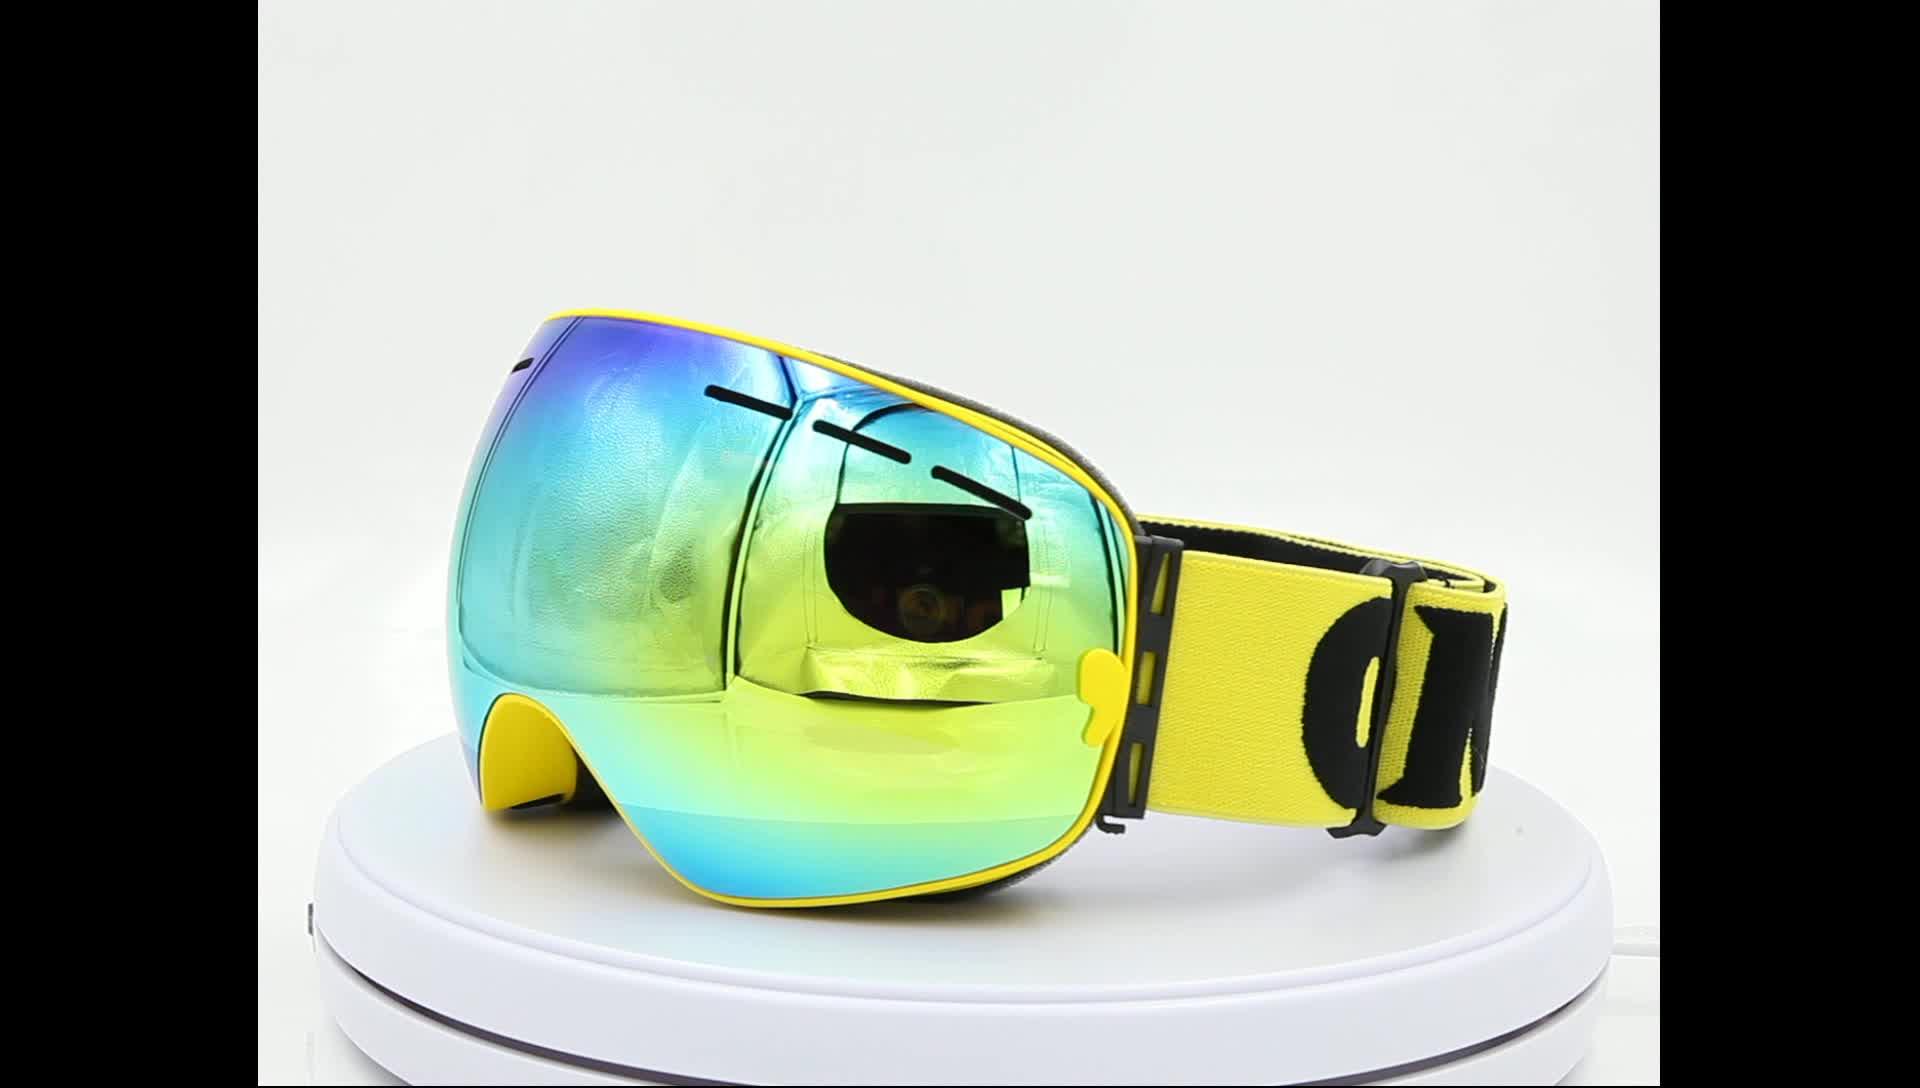 PC レンズスキーゴーグル偏光利用可能な OMID-3100 安い快適な任意の色カスタムロゴ雪ゴーグル